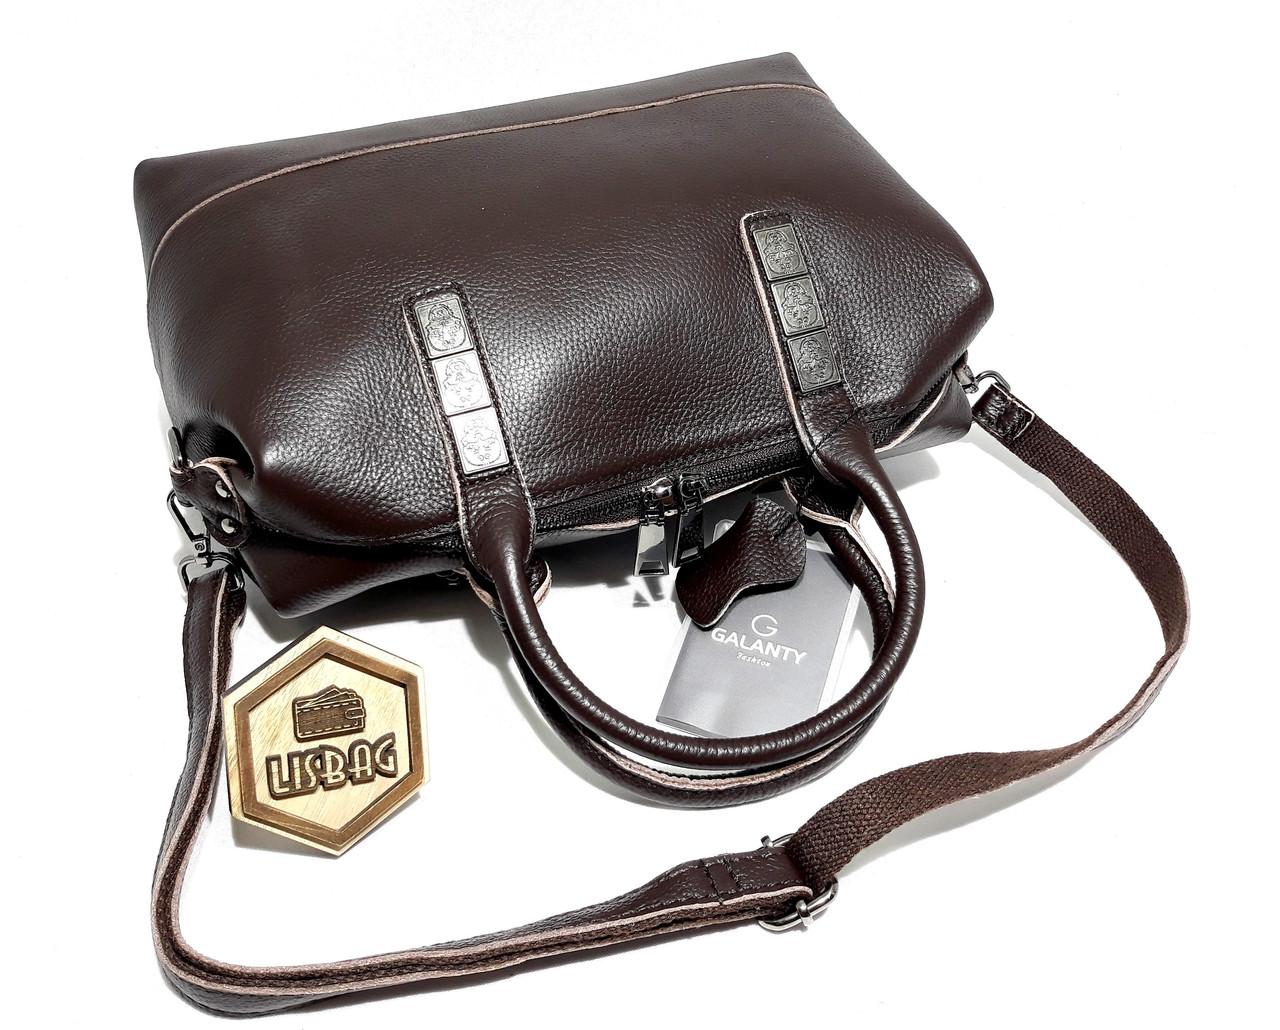 2486e069e6bb ... Вместительная кожаная мягкая женская сумка Galanty Темно-коричневого  (шоколад) цвета, ...